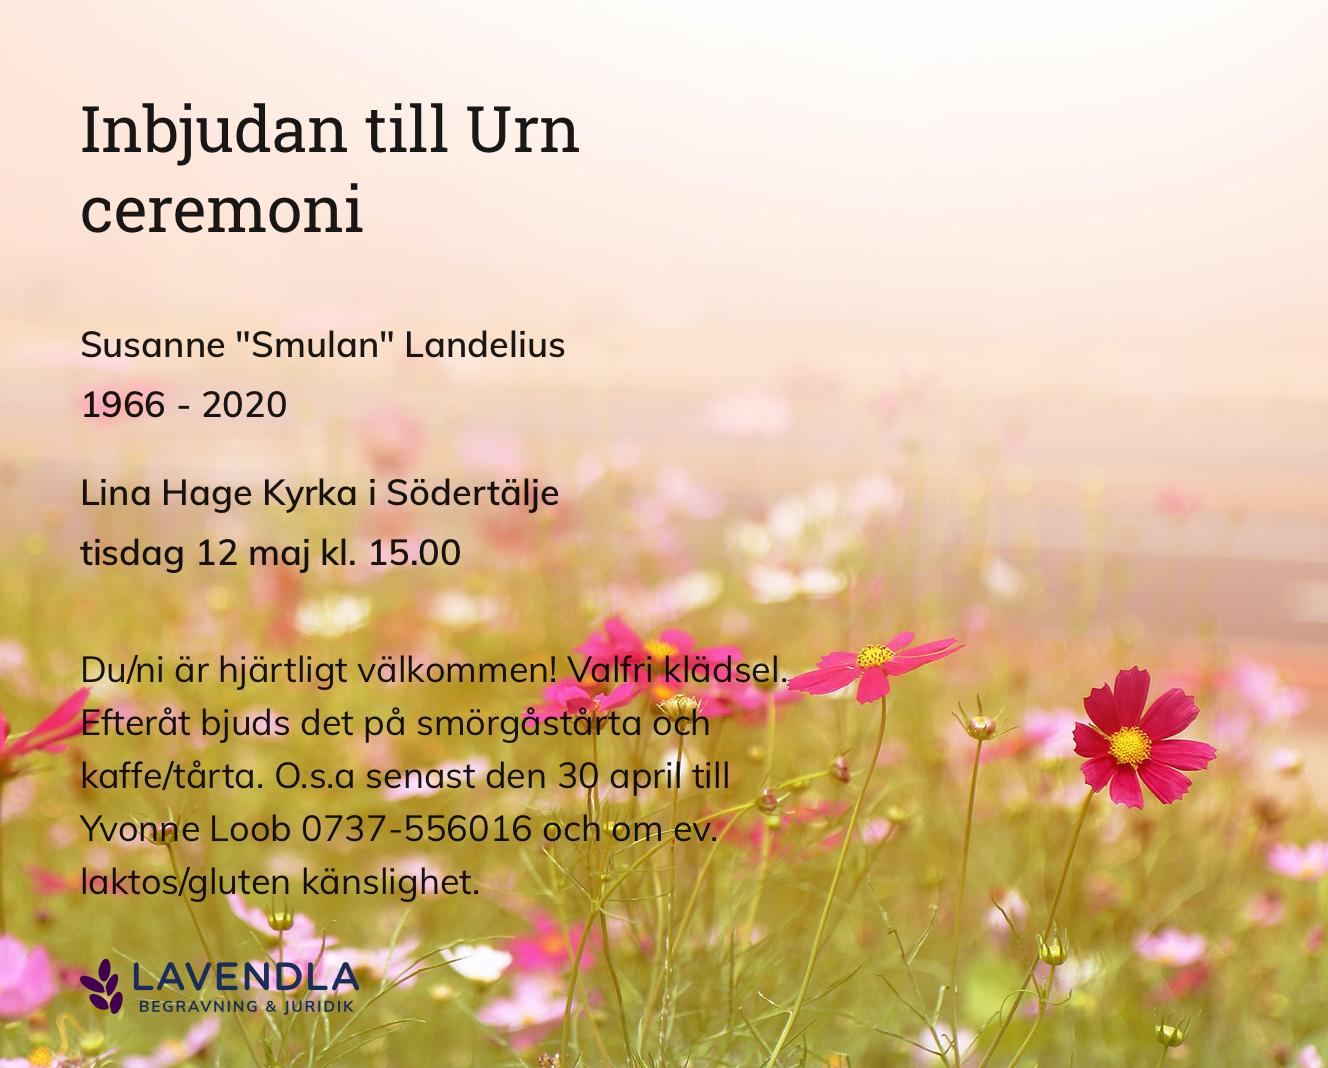 """Inbjudningskort till ceremonin för Susanne """"Smulan"""" Landelius"""